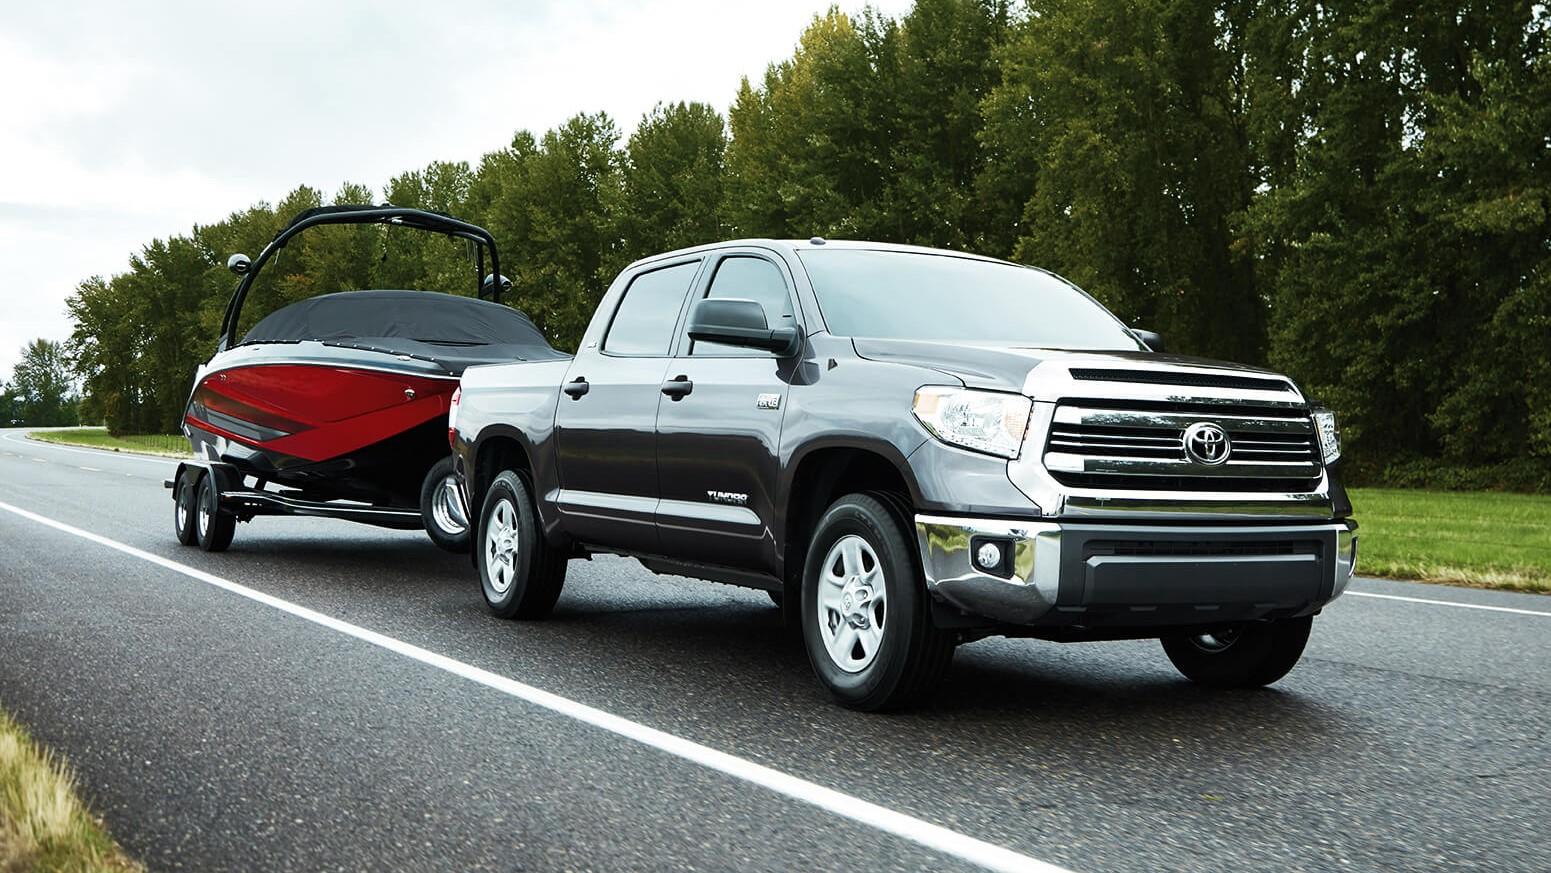 La Toyota Tundra 1794 2020 es una camioneta que responde de buena forma en el trabajo pesado